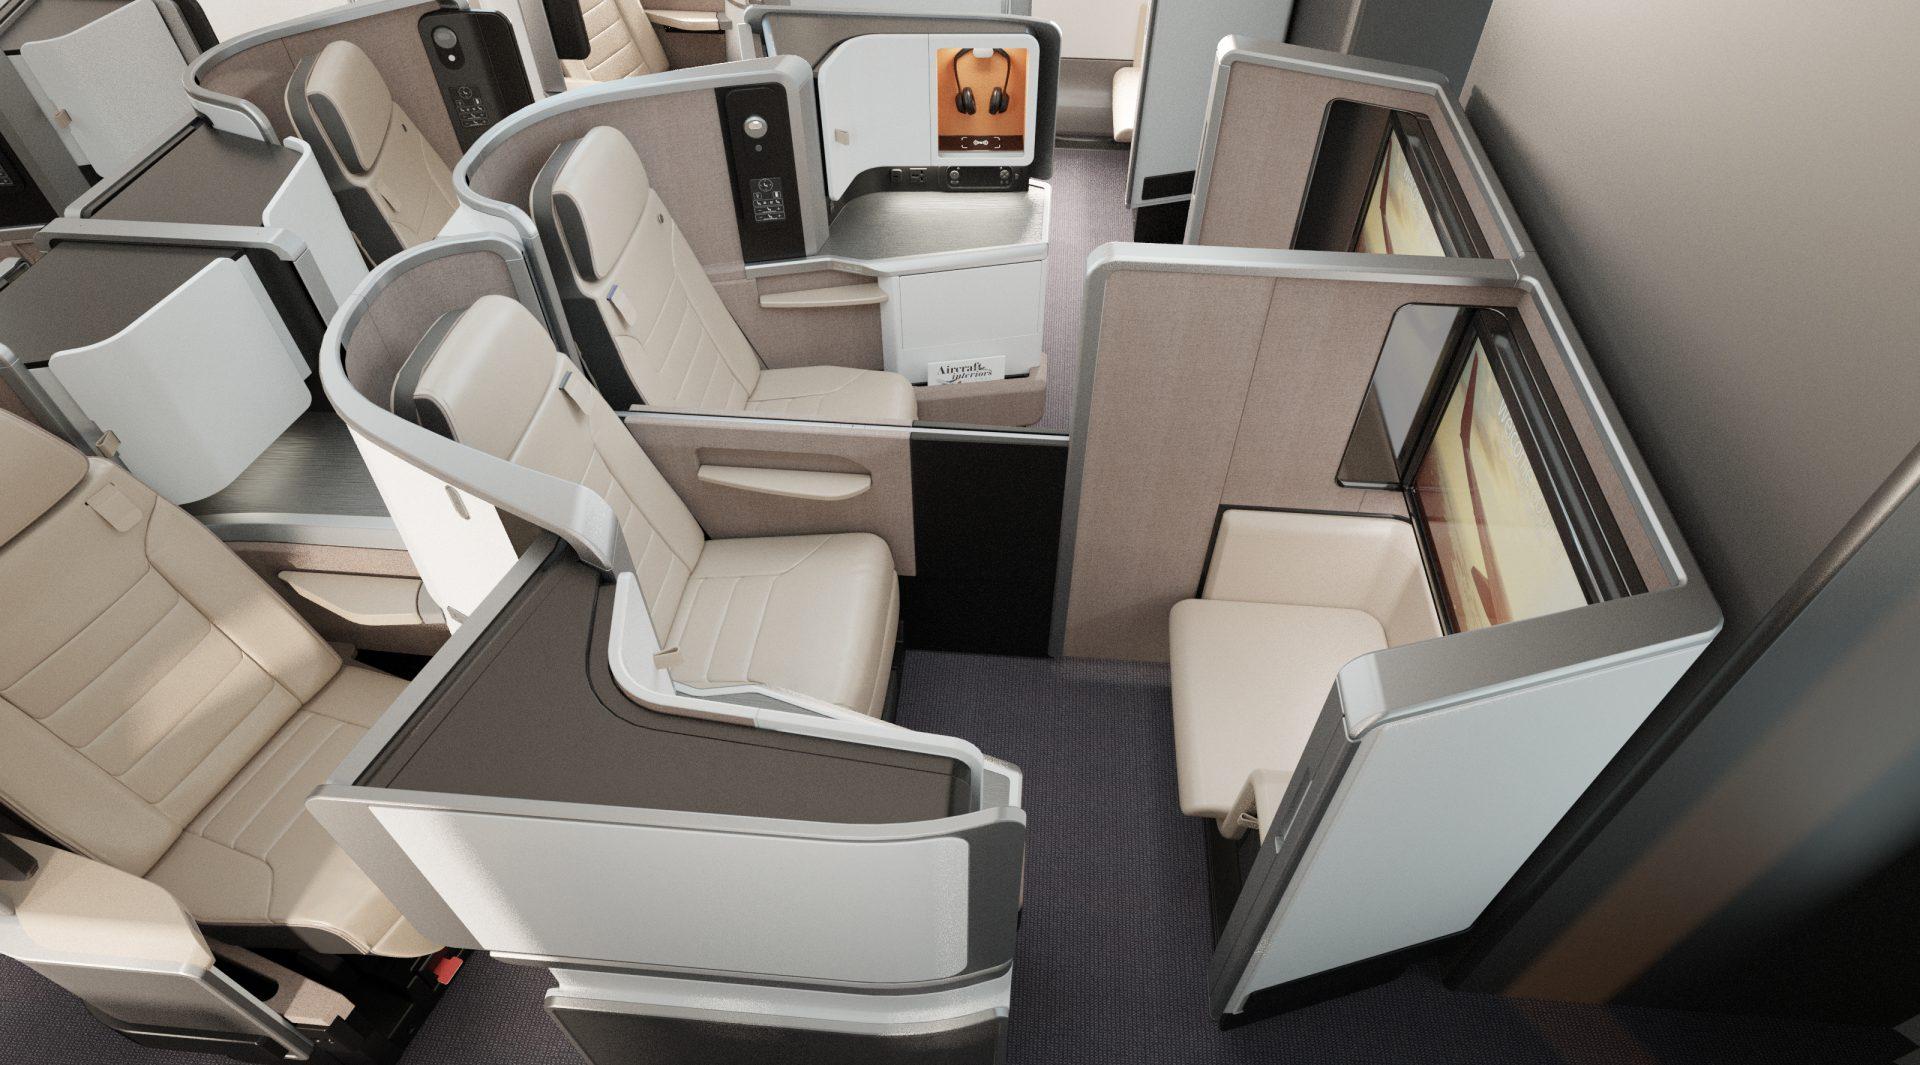 Safran Seats